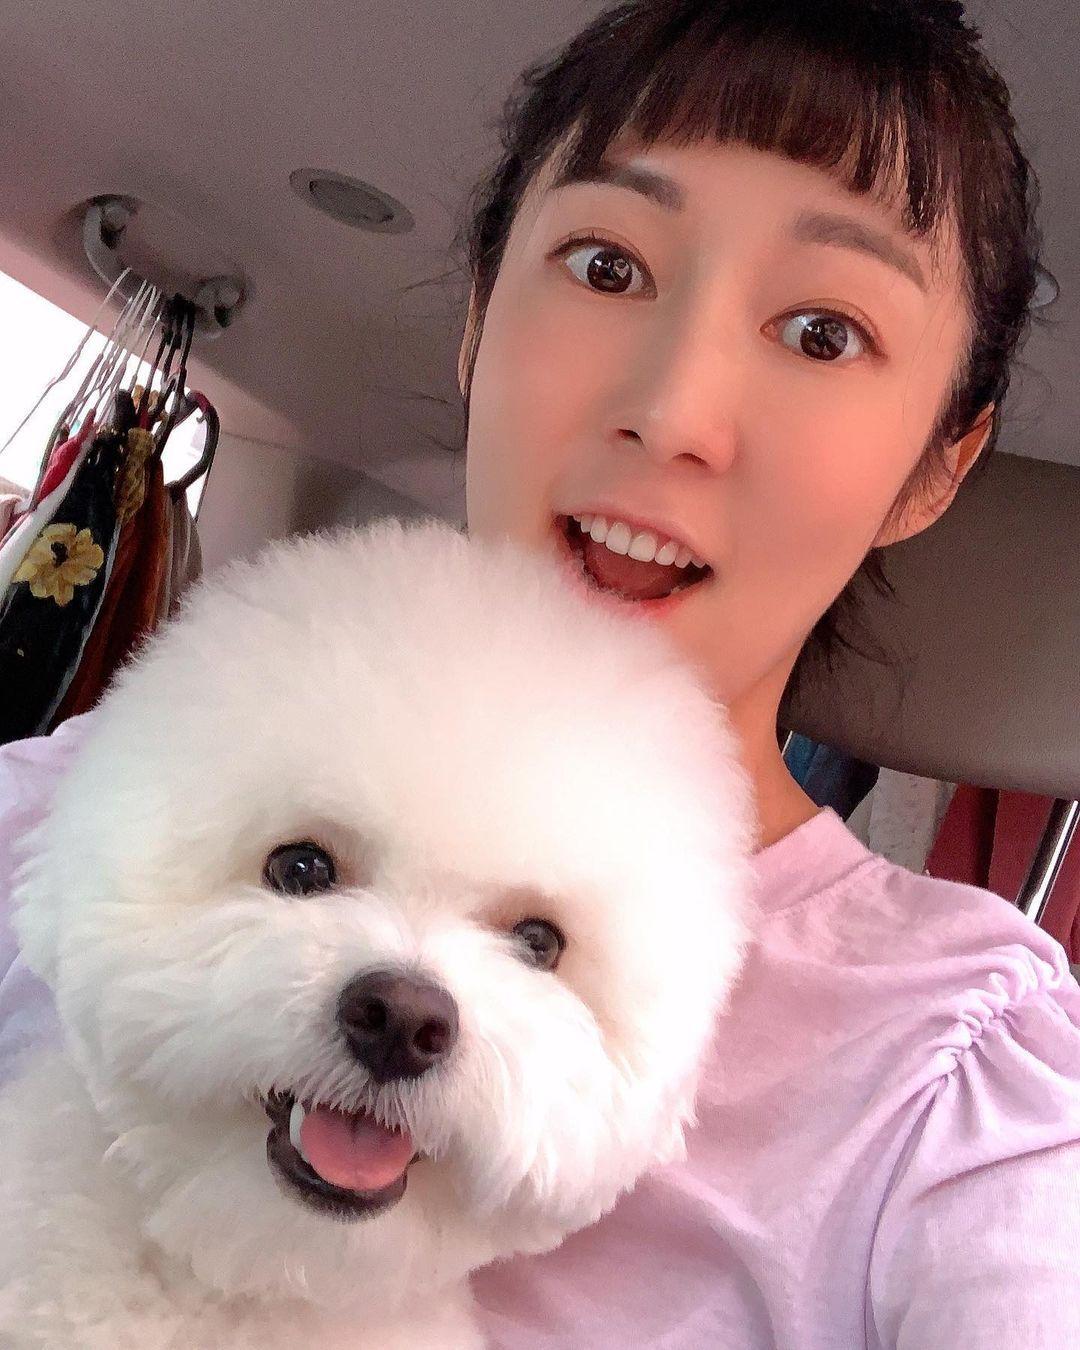 韩国41岁女星未婚生子引热议,原因公开后被网友大赞有勇气!插图6